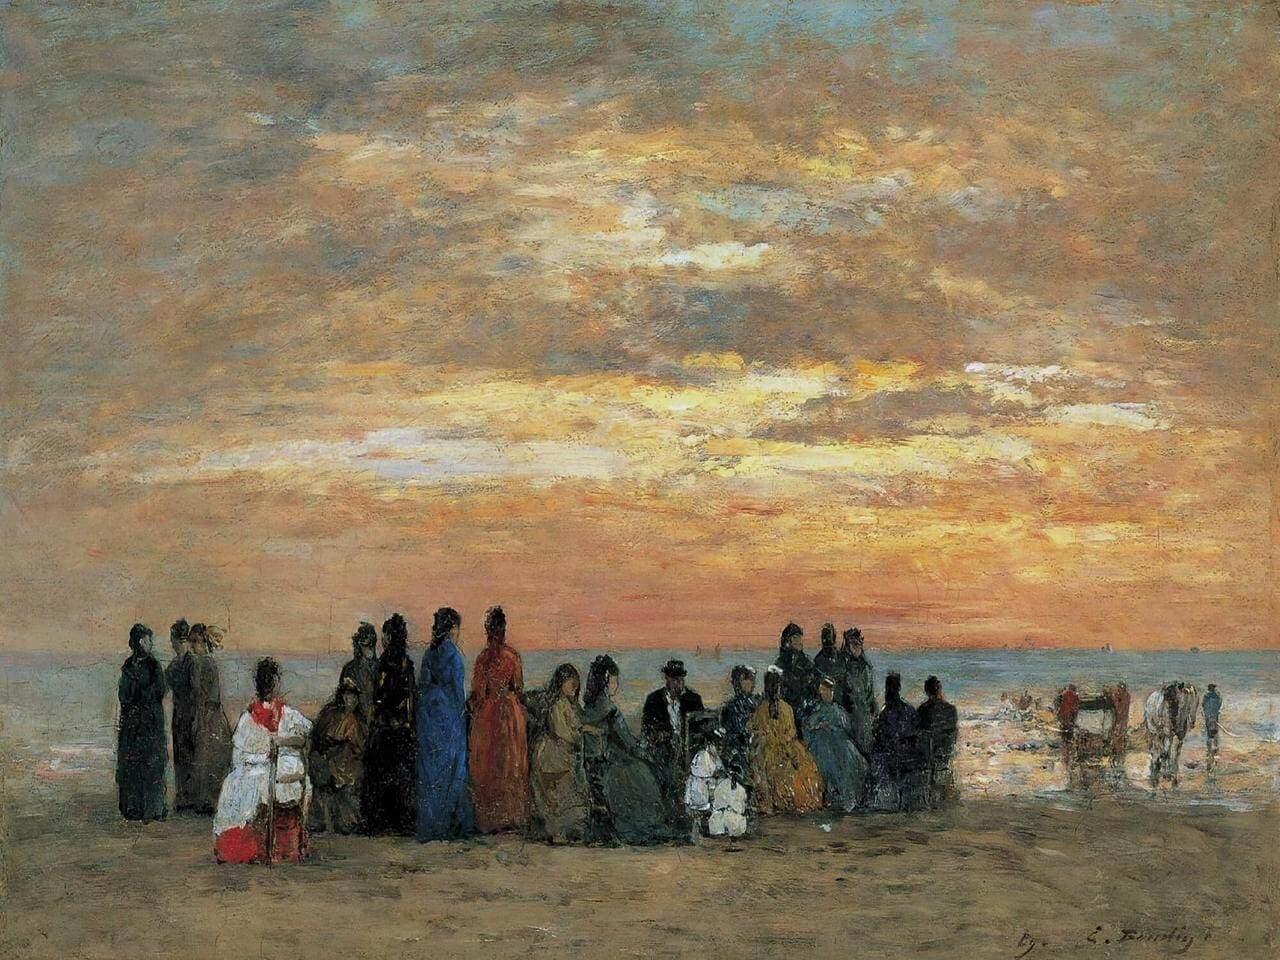 Impresionismo: 'Figuras en la playa de Trouville' de Eugène Boudin, el pintor impresionista de playas.